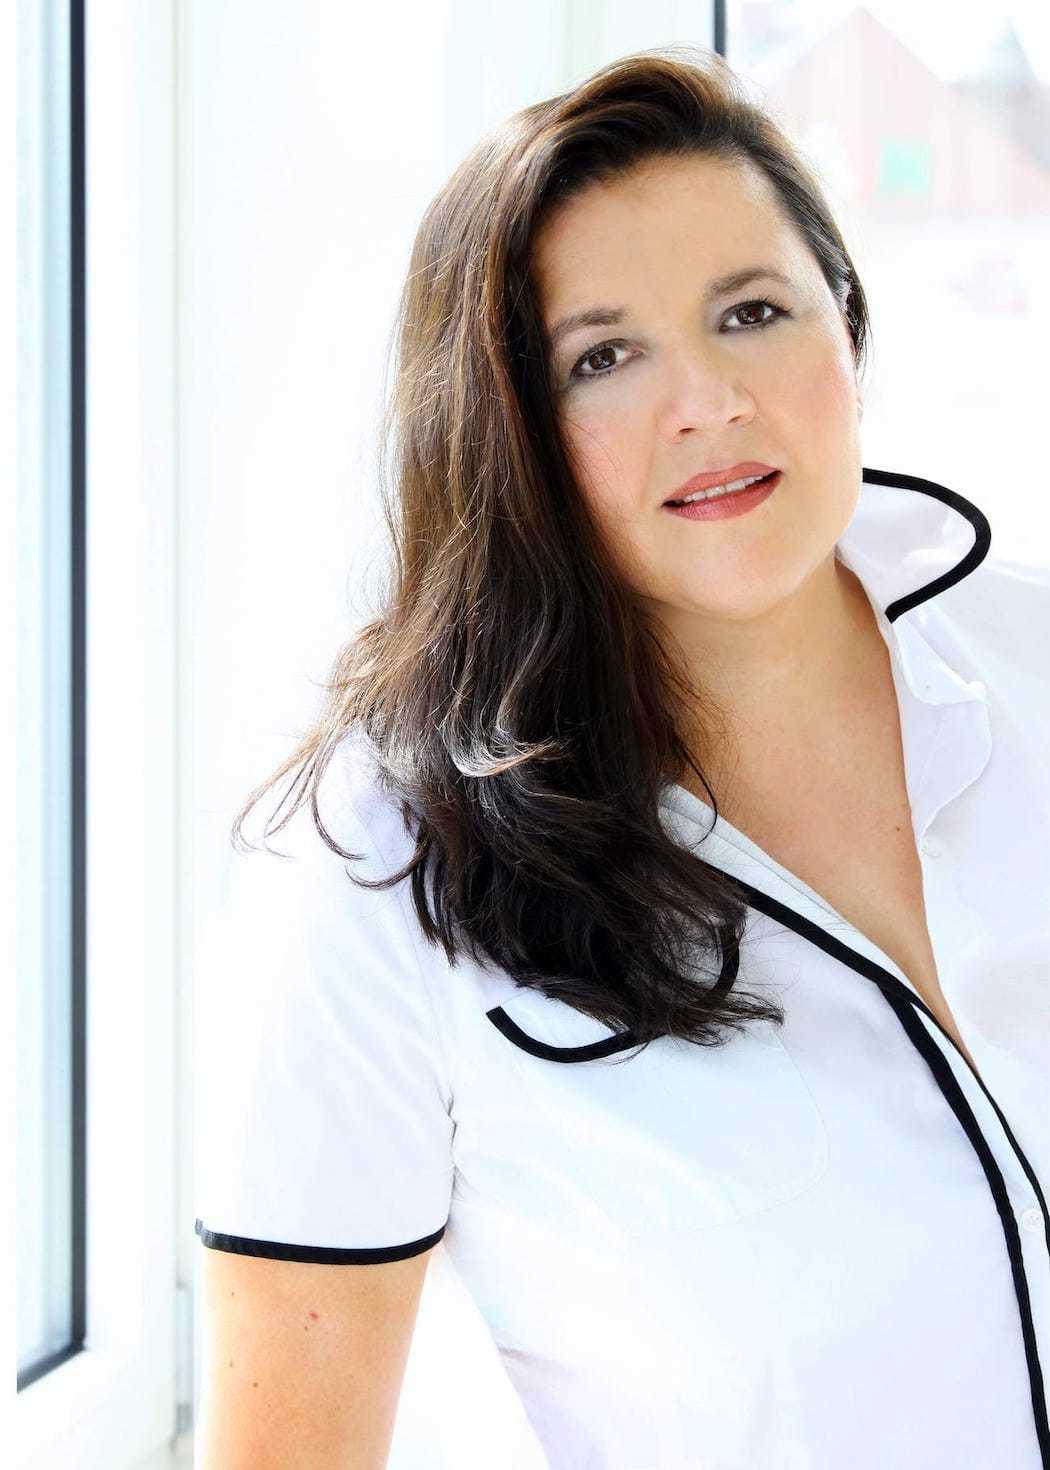 Dr. med. dent. T. Eichenberg - Profilbild